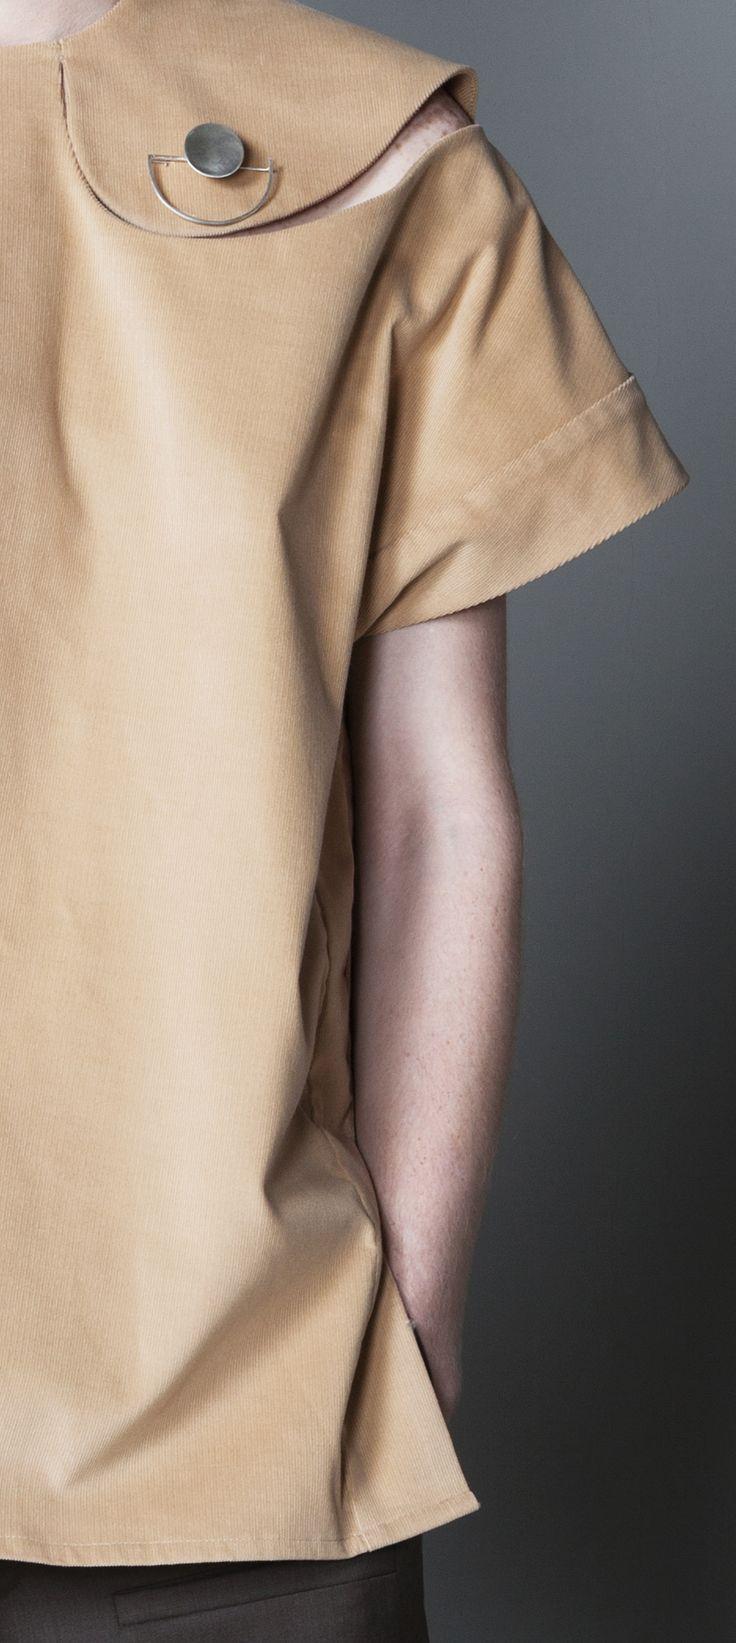 Pan cut collar on beige top www.cajun.ro